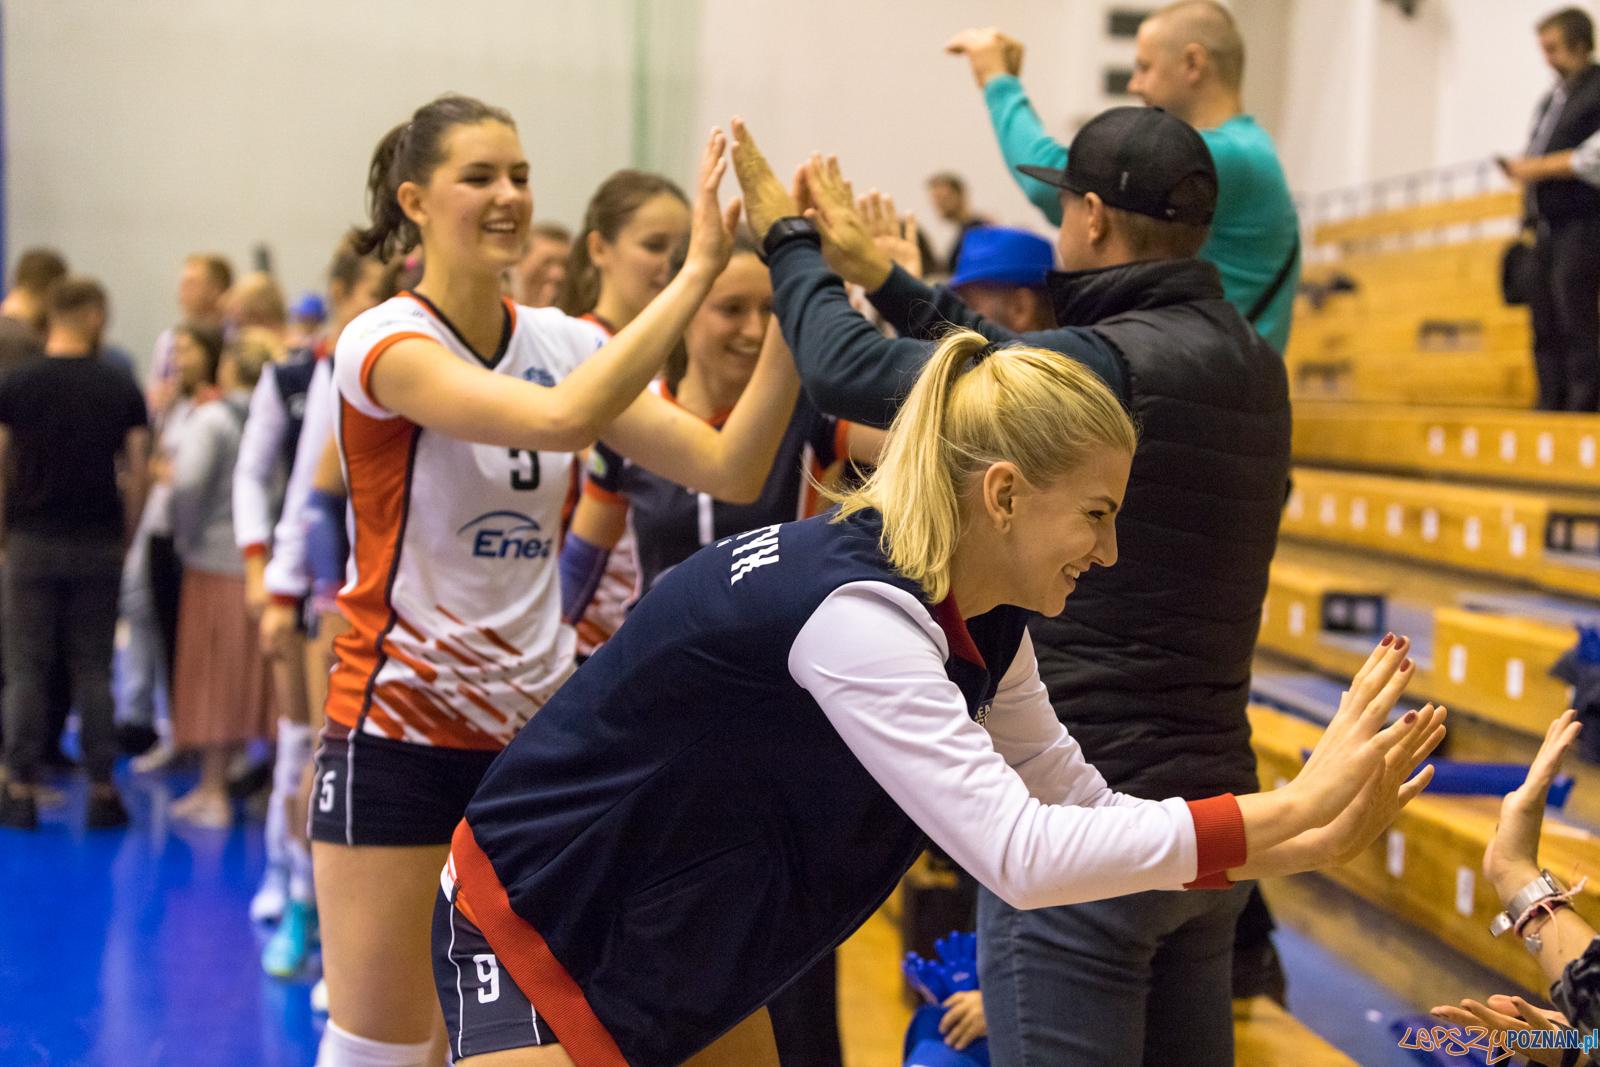 Enea Energetyk Poznań - Budowlani Toruń  Foto: lepszyPOZNAN.pl/Piotr Rychter